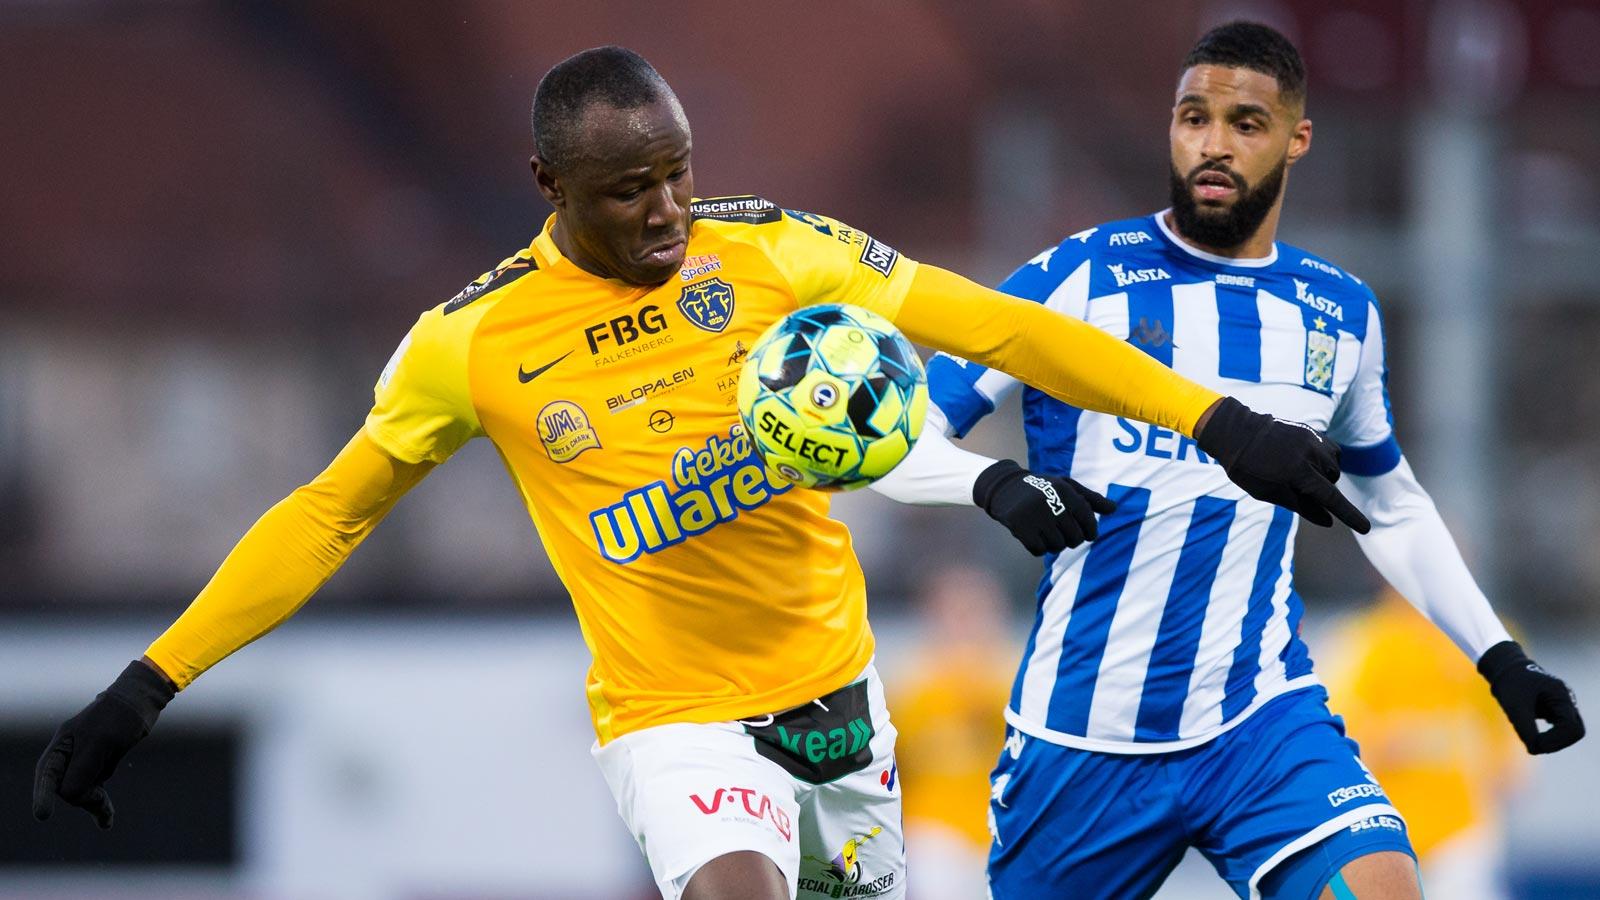 Falkenberg Vs Ifk Goteborg Sweden Allsvenskan Prediction Betting Tips 13 09 2020 The Bahart Express News